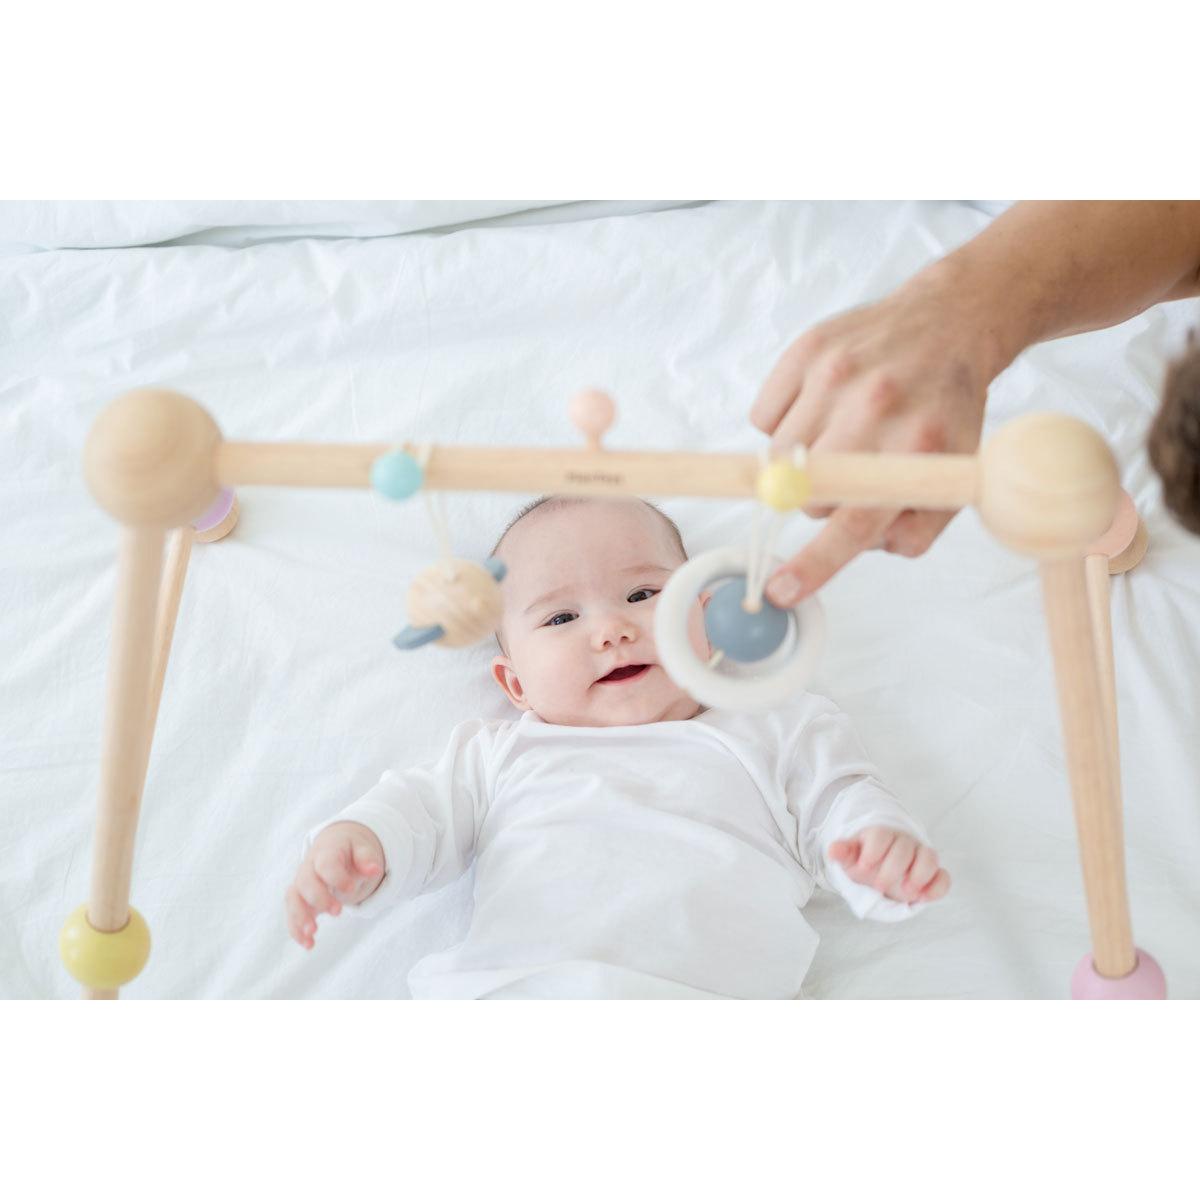 plan toys arche d 39 activit pastel arche plan toys sur l 39 armoire de b b. Black Bedroom Furniture Sets. Home Design Ideas